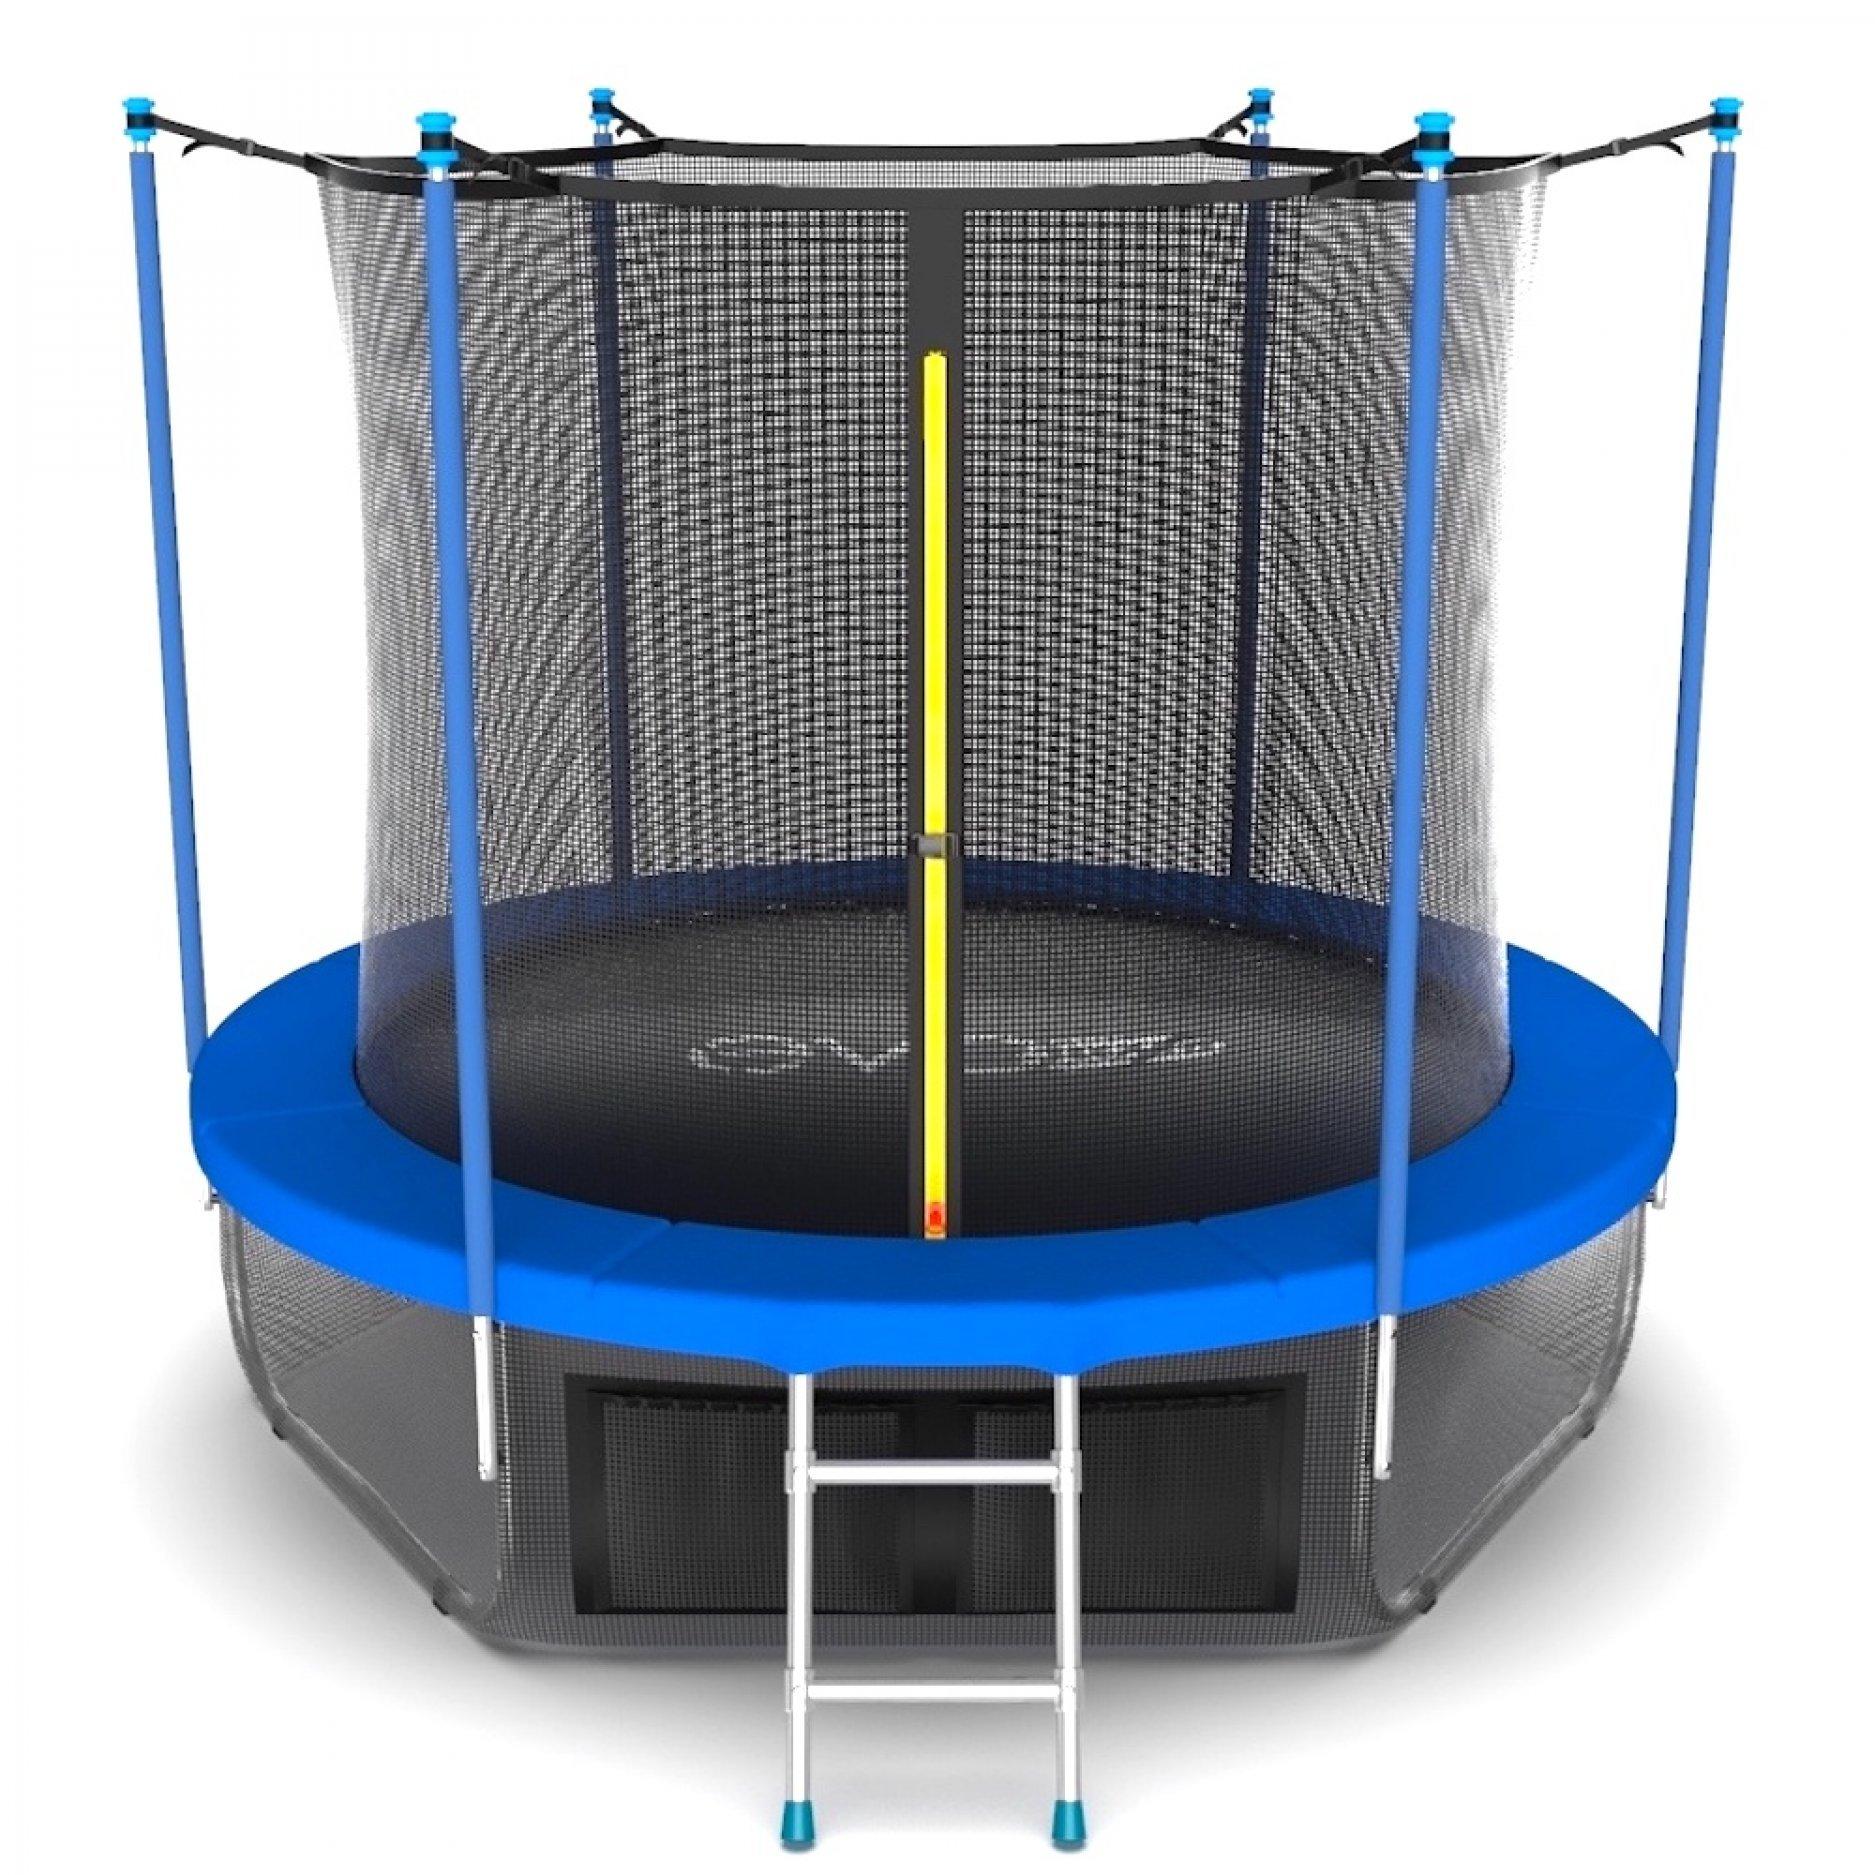 EVO JUMP Internal 10ft (Sky) с внутренней сеткой и лестницей + нижняя сеть